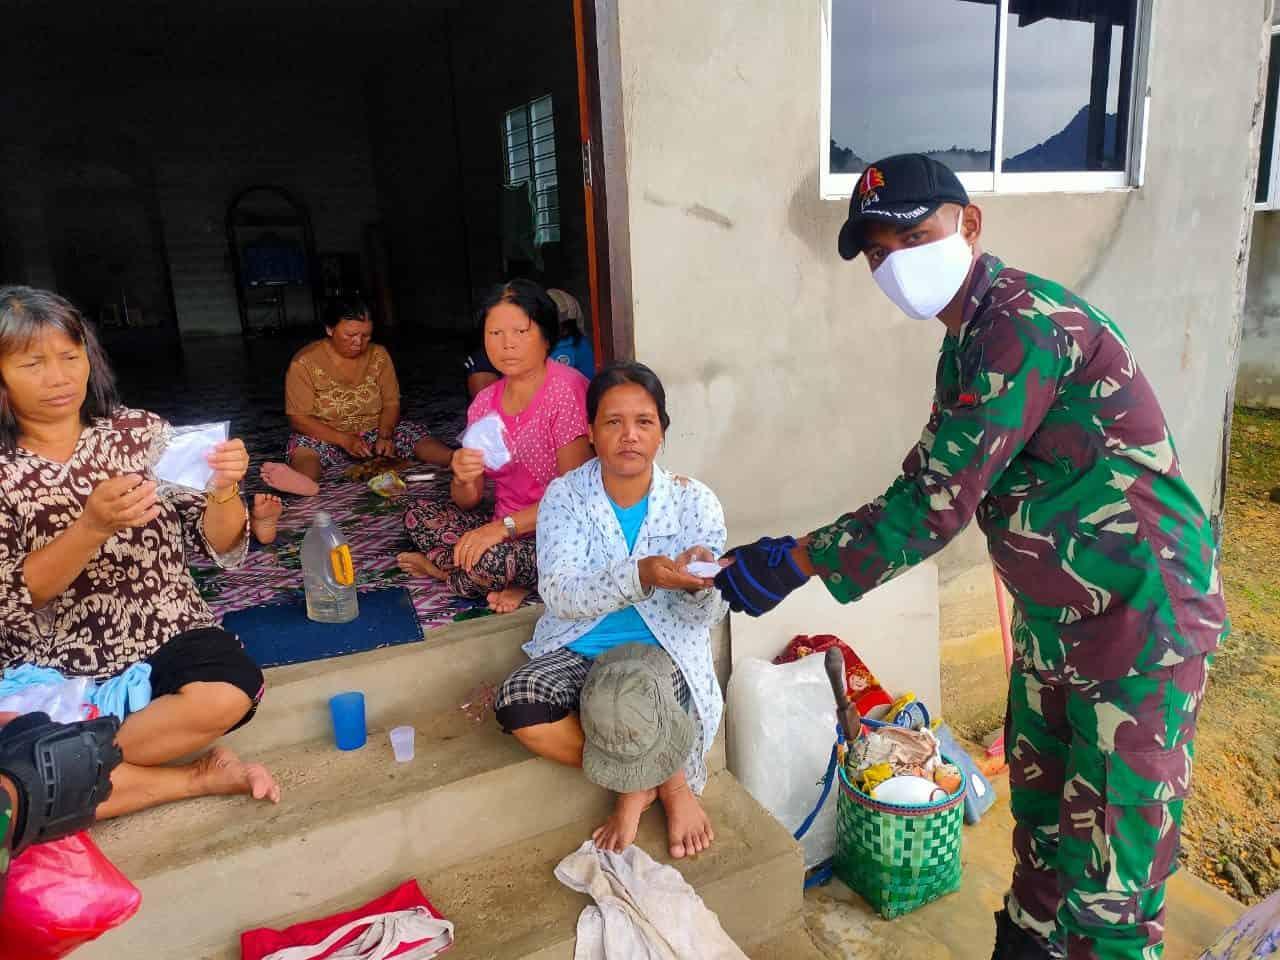 Sosialisasikan Protokol Kesehatan, Satgas Yonif 144/JY Bantu Pelaksanaan Posyandu di Sei Beruang